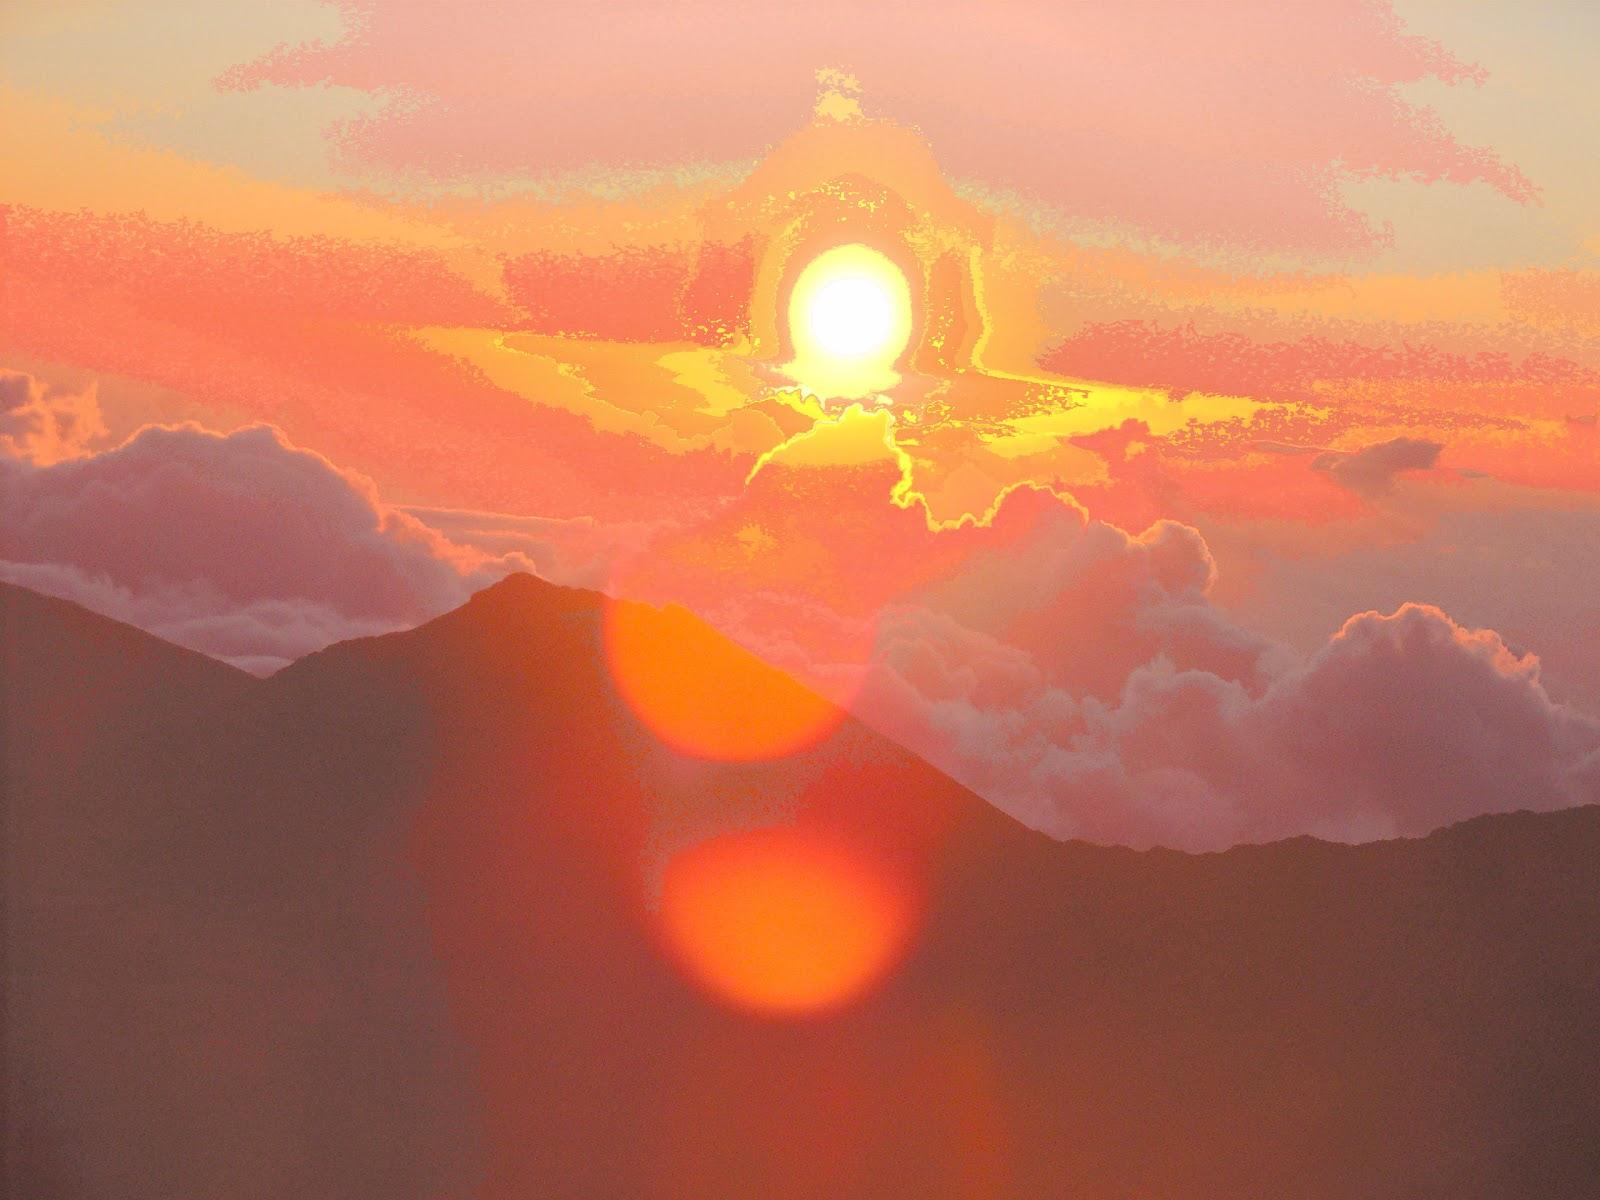 Bilder-Bibliothek: Bilder vom Sonnenaufgang